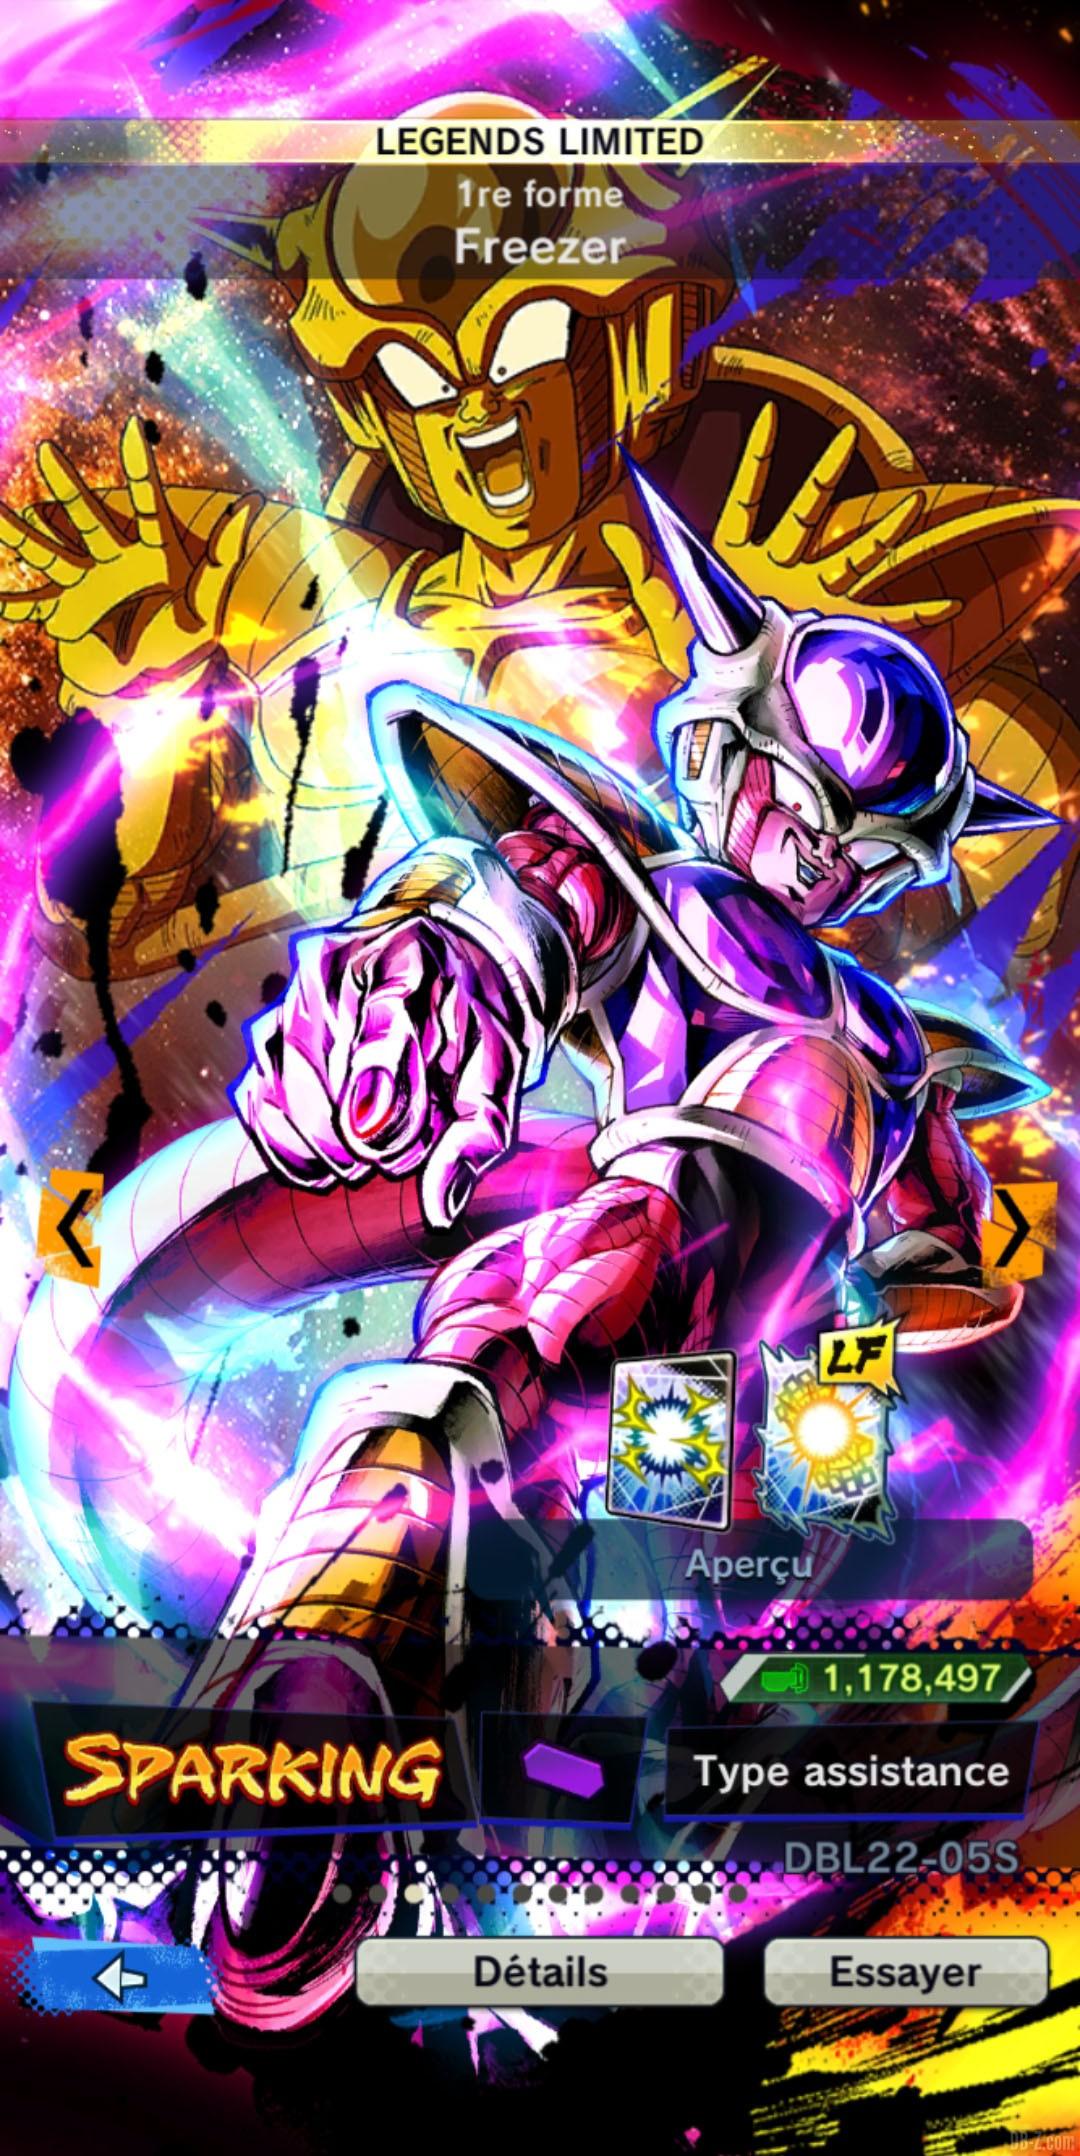 Dragon Ball Legends Limited Freezer 1re forme VIOLET